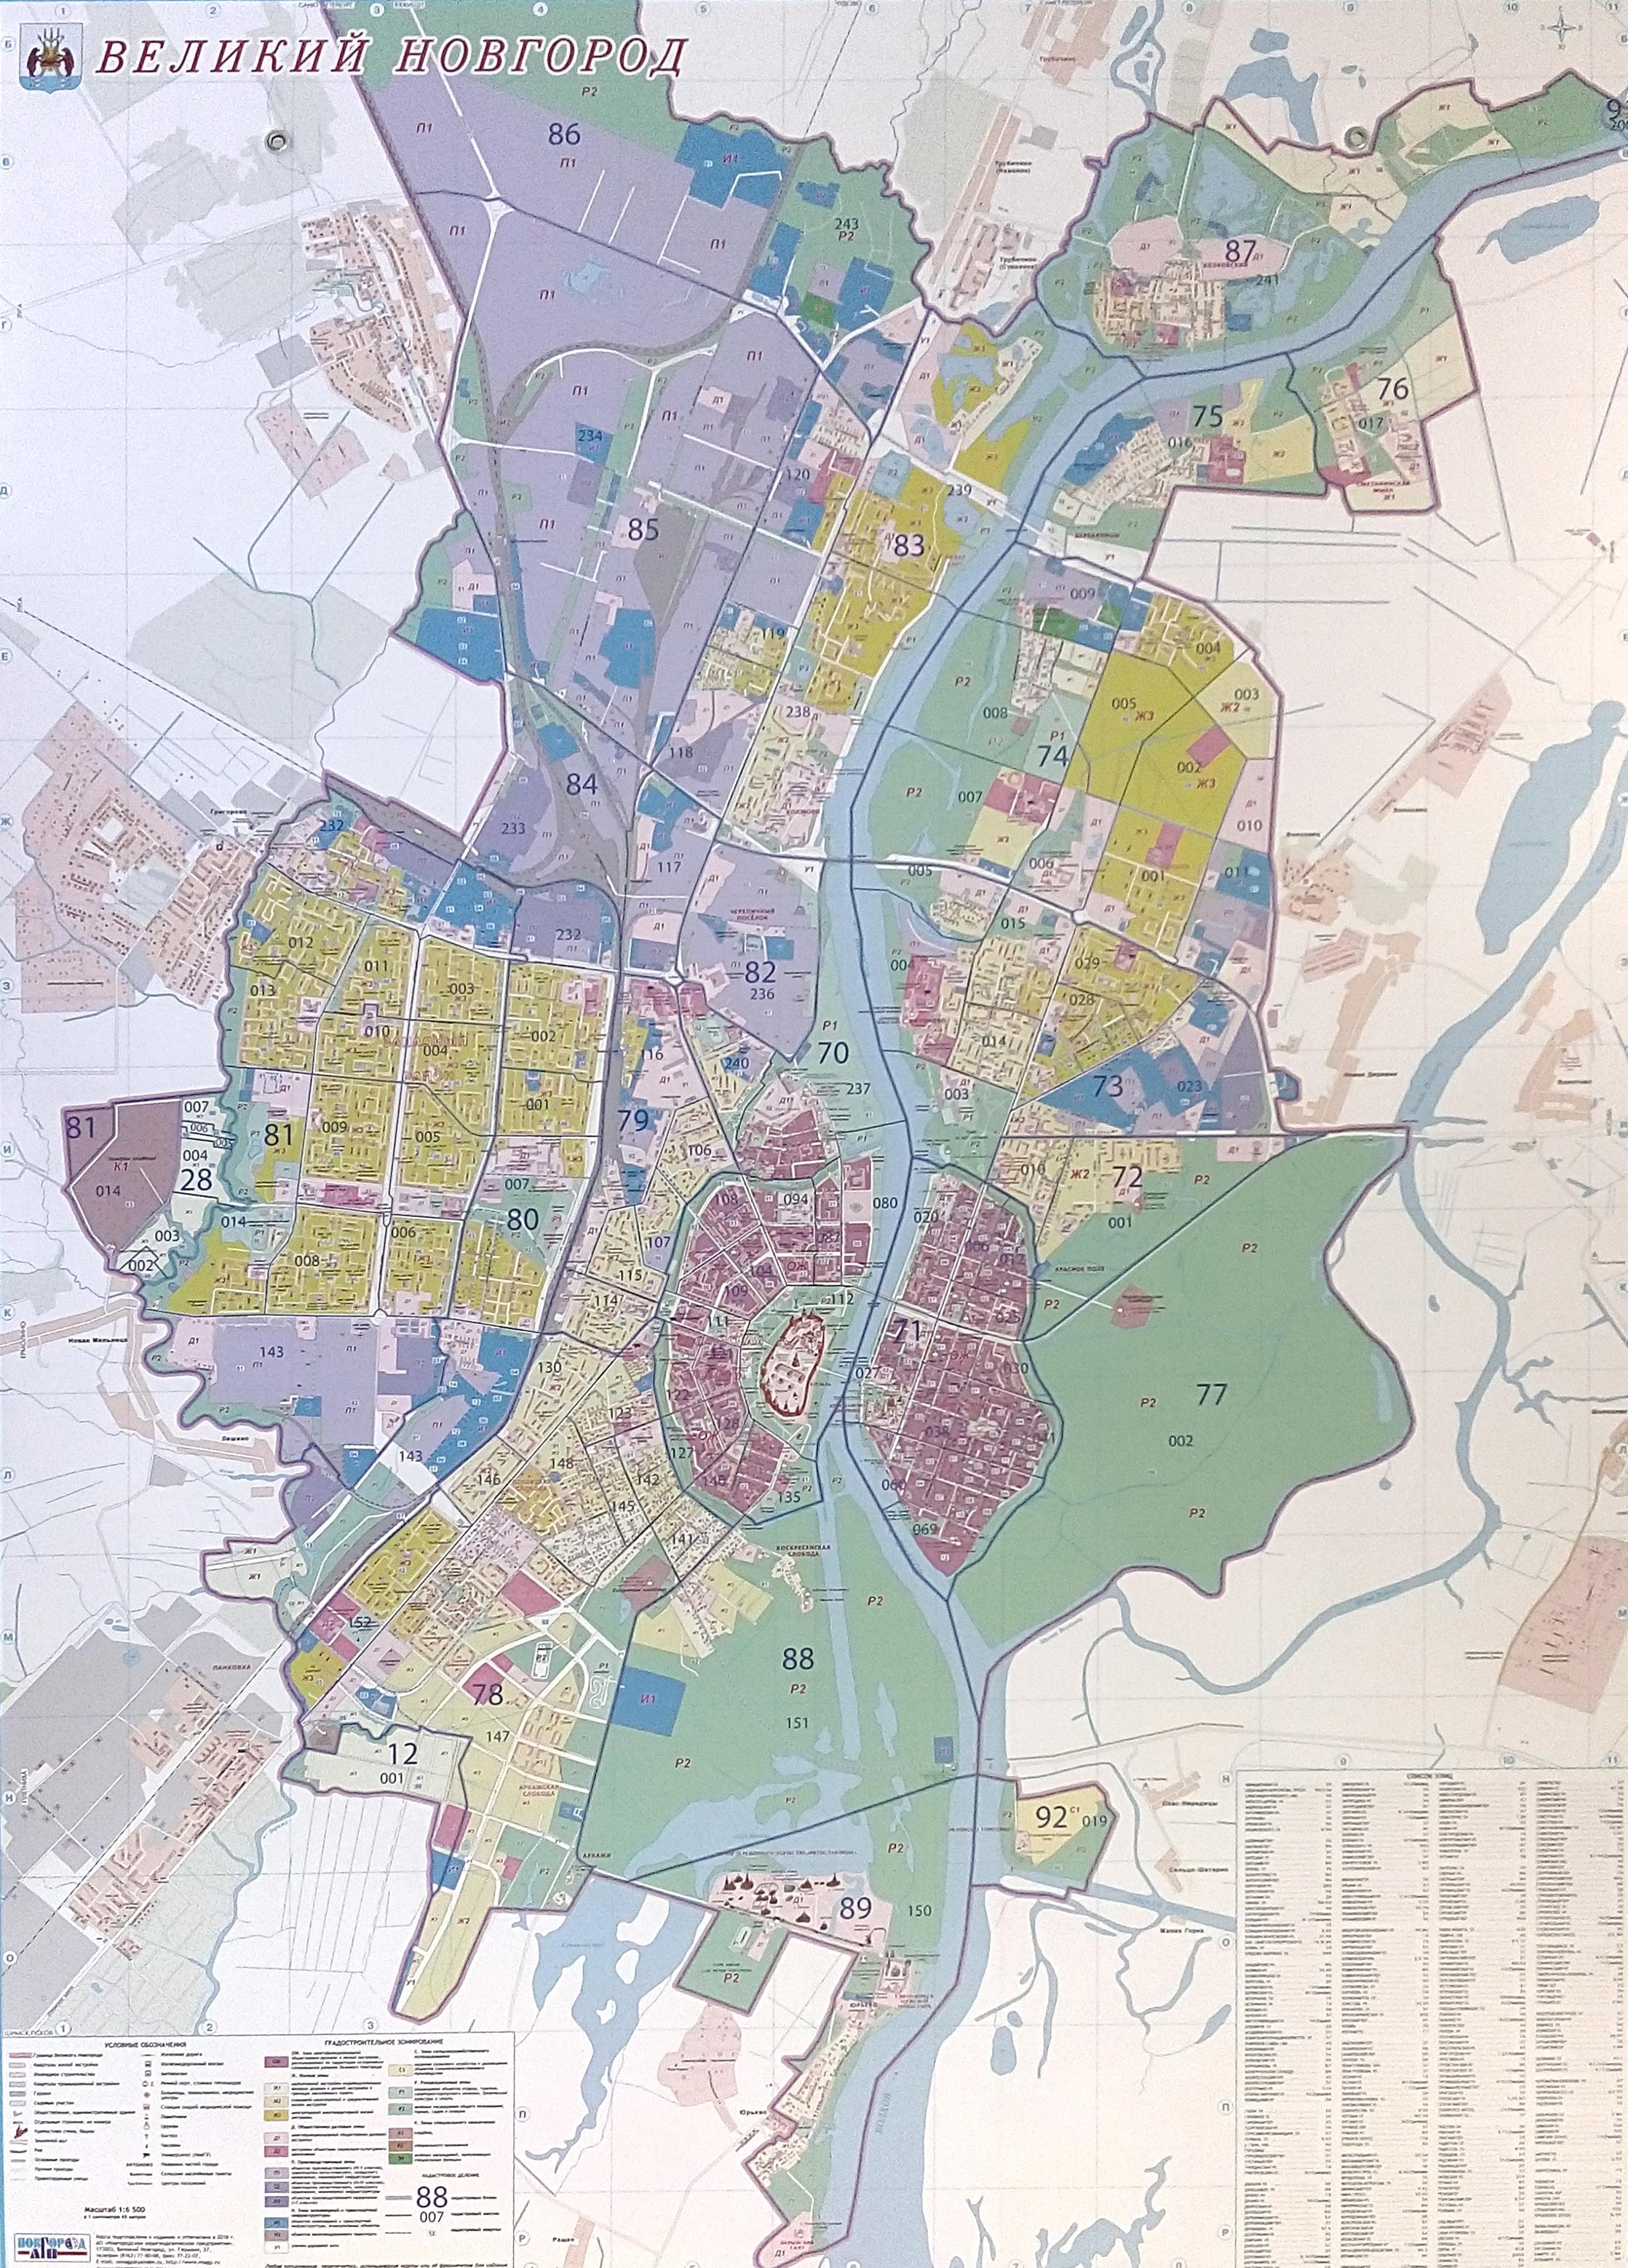 Карта Великого Новгорода со схемой градостроительного зонирования и кадастровой разбивкой